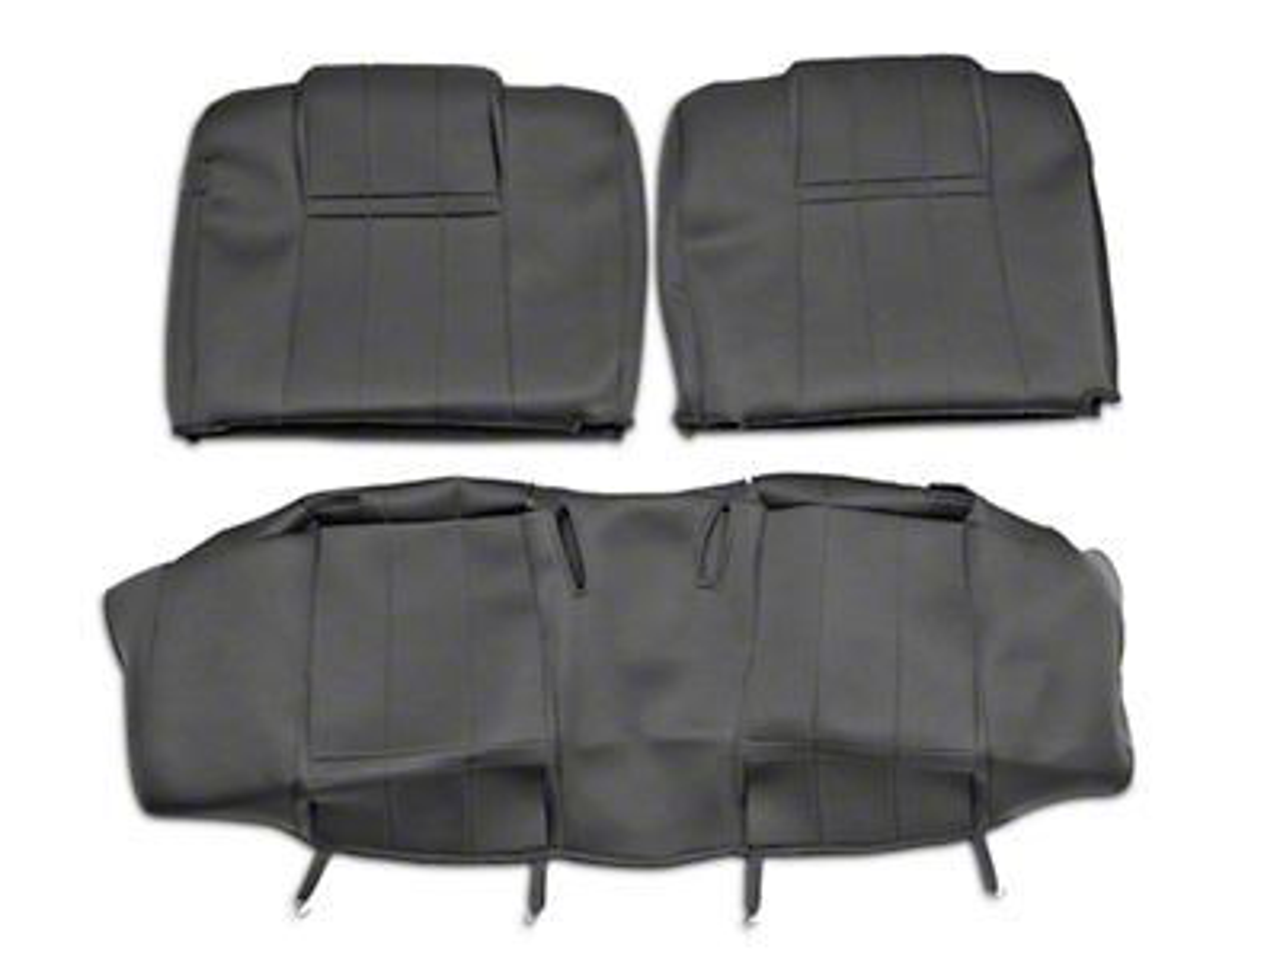 Caltrend NeoSupreme Rear Seat Cover - Black (05-09 Coupe)